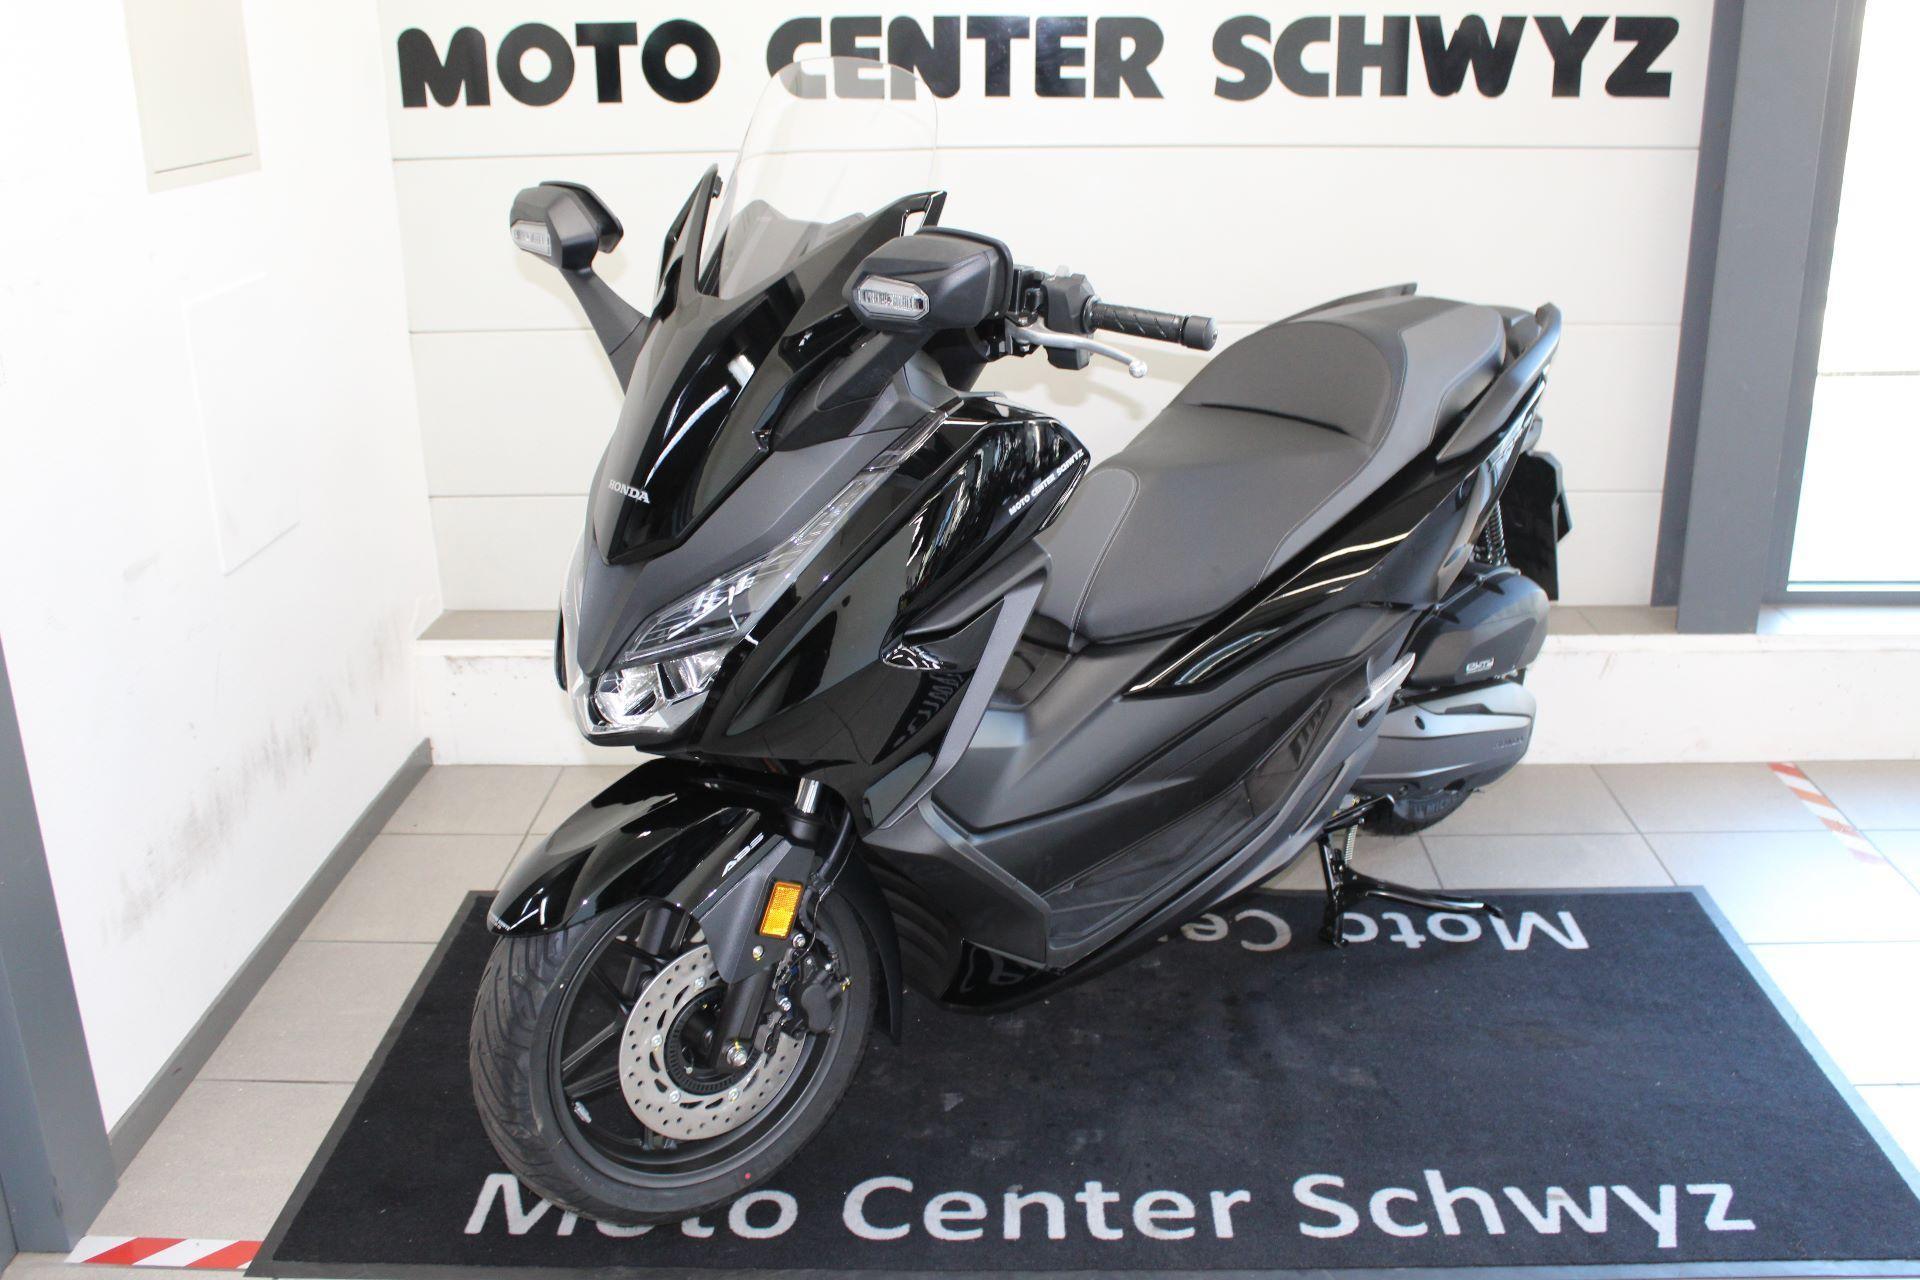 moto modello da dimostrazione acquistare honda nss 125 ad forza abs 2019 moto center schwyz ag. Black Bedroom Furniture Sets. Home Design Ideas